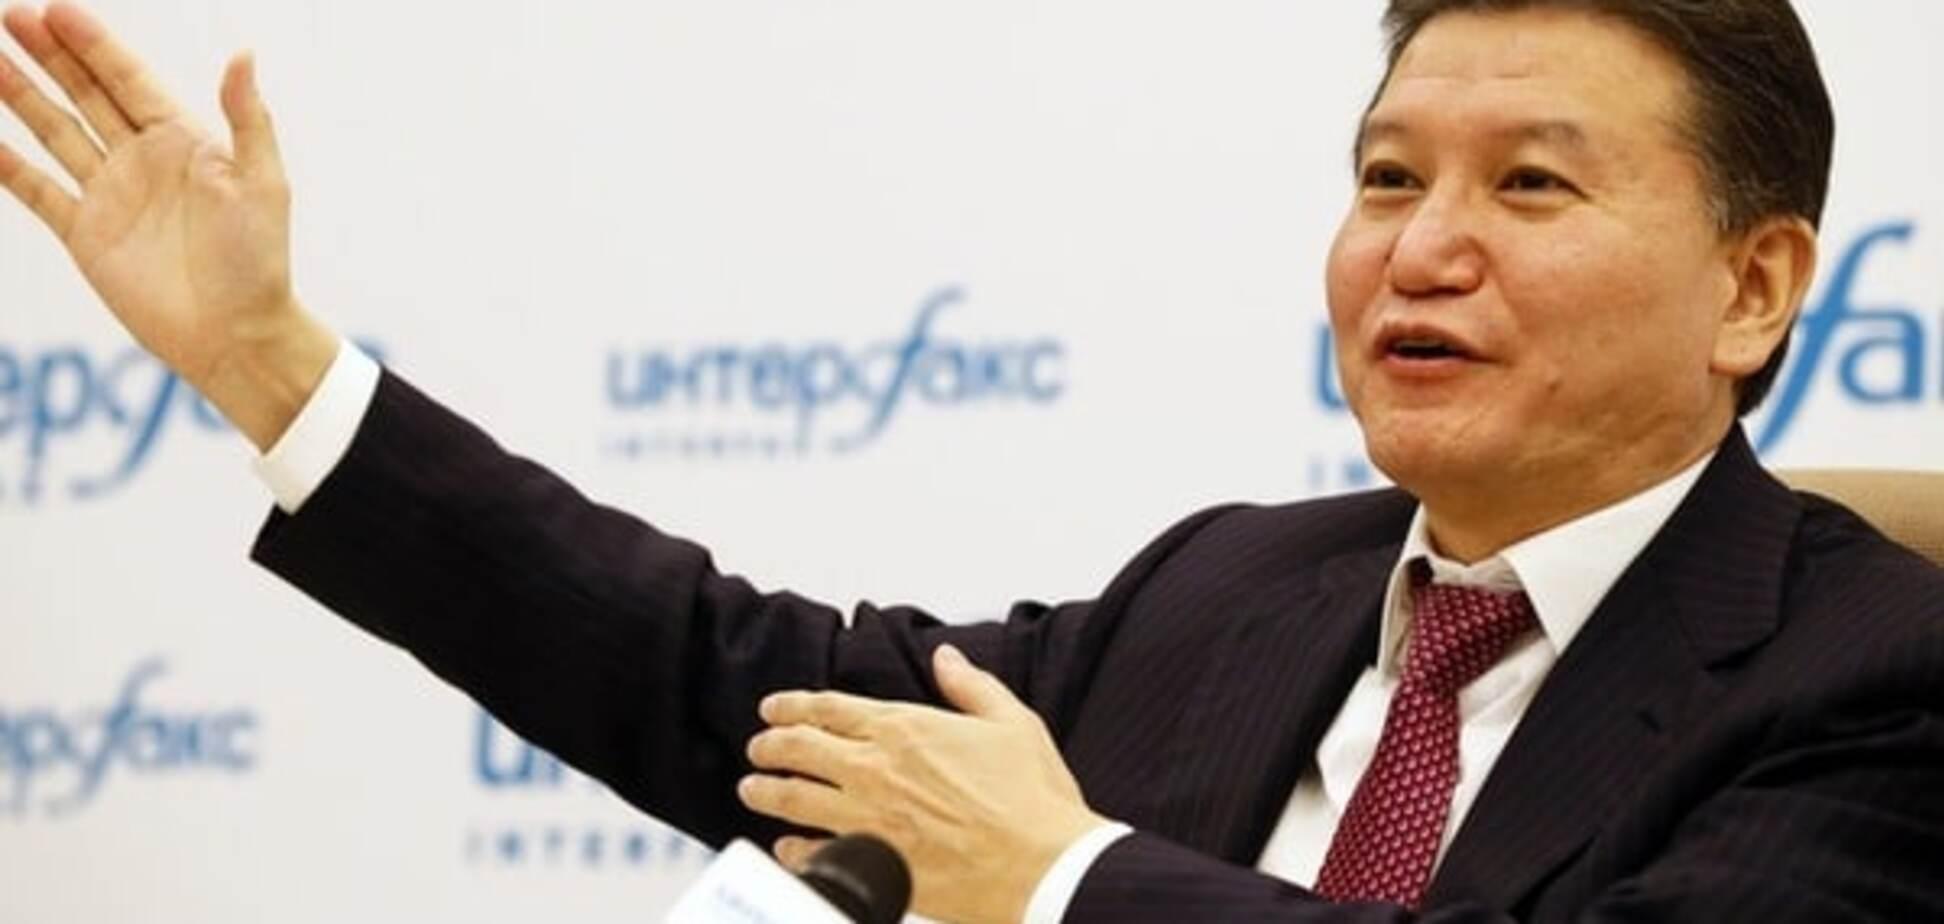 Отстранен: россиянина Илюмжинова выставили из ФИДЕ